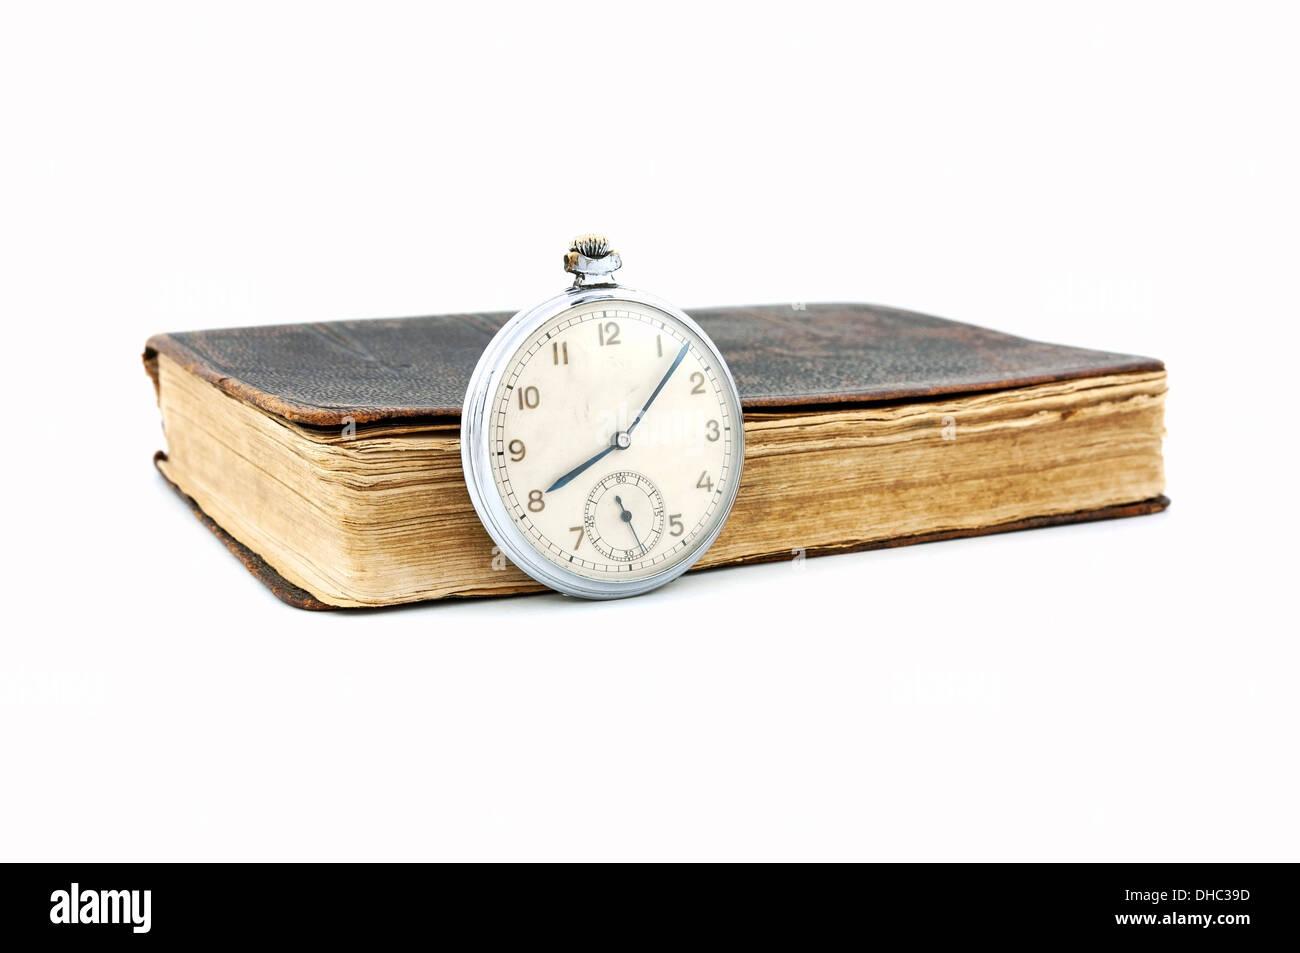 Montre de poche vintage et vieux livre Photo Stock